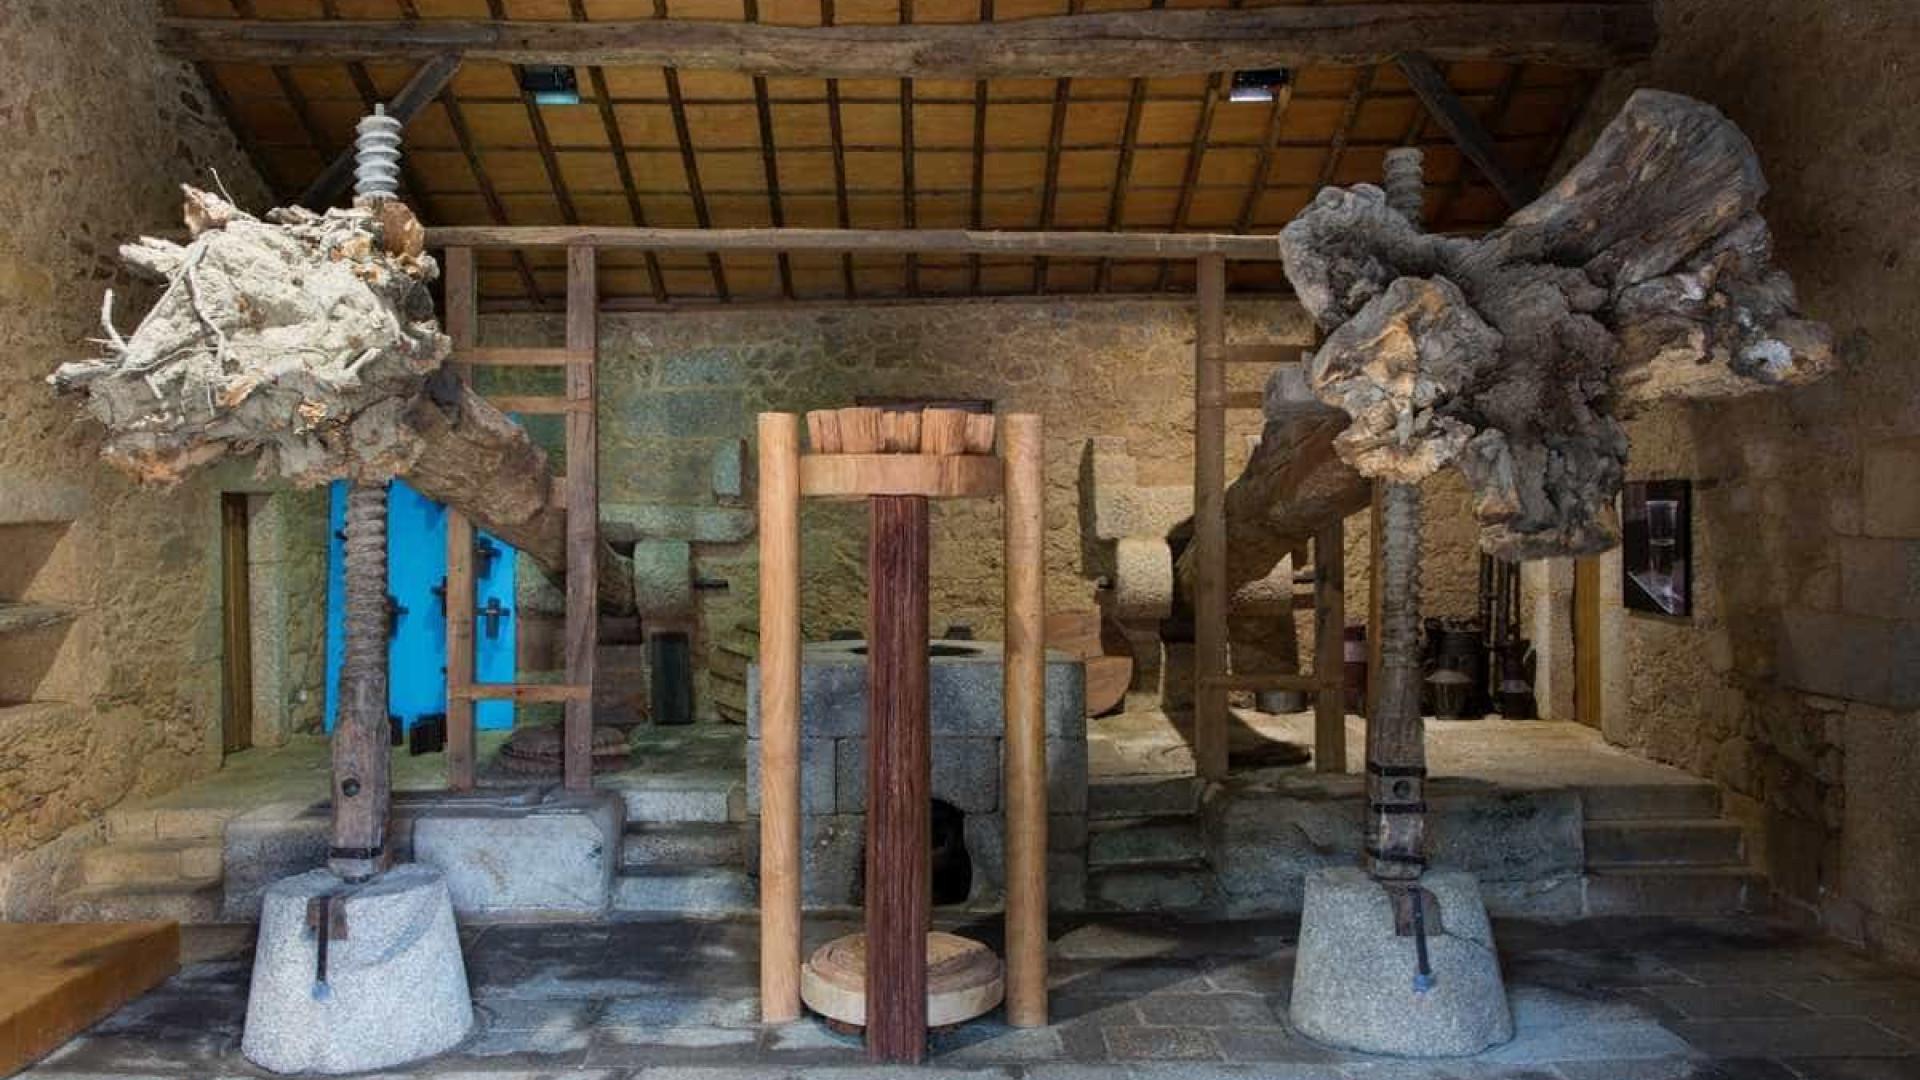 'VER': Uma nova exposição na aldeia histórica casa de arte contemporânea